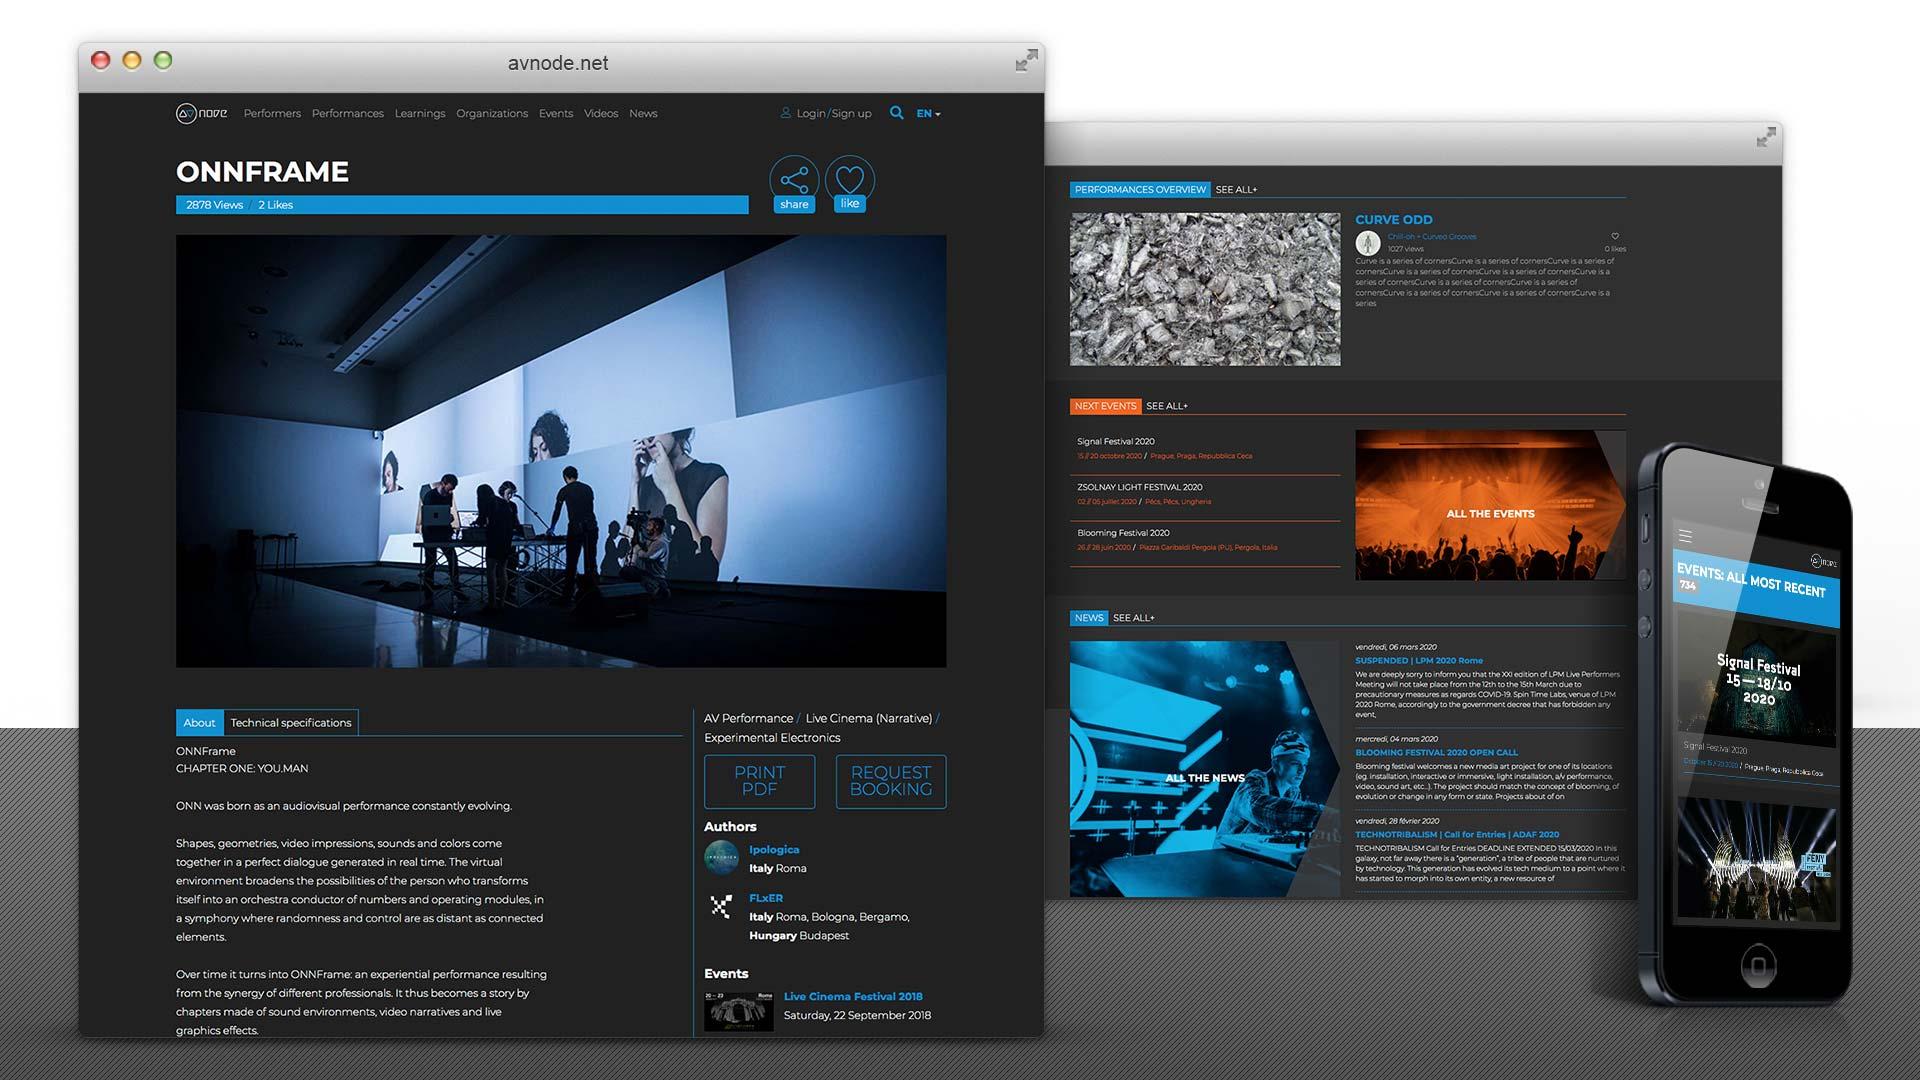 AVnode.net Phase 1